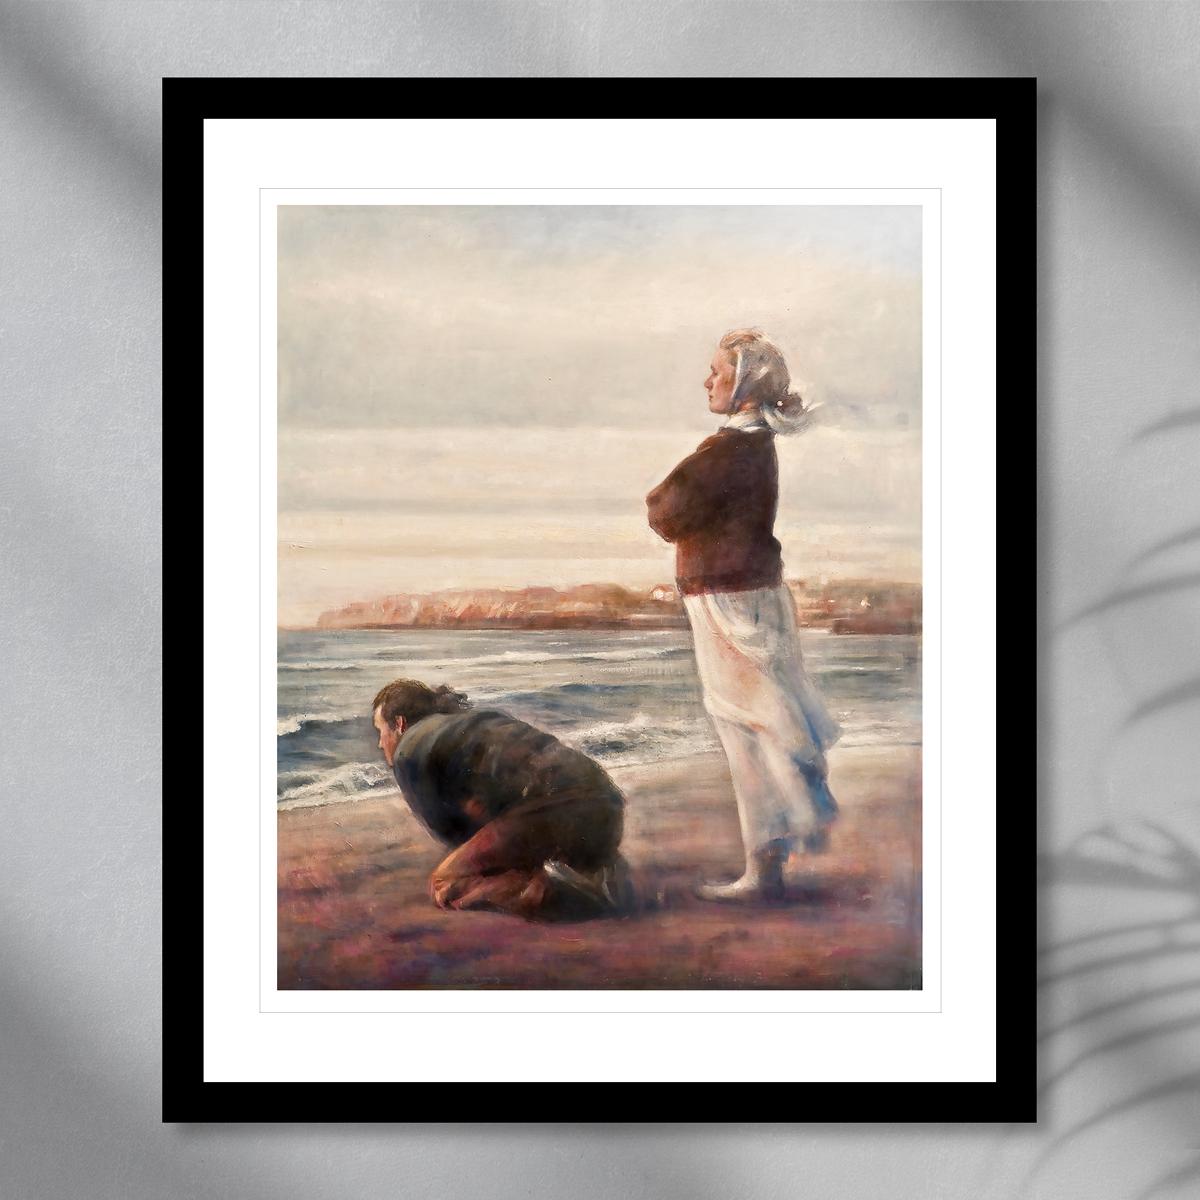 En knelende mann og en stående kvinne ser ut mot havet, malt i jordiske toner. Håndkolorert grafikk av Vebjørn Sand.